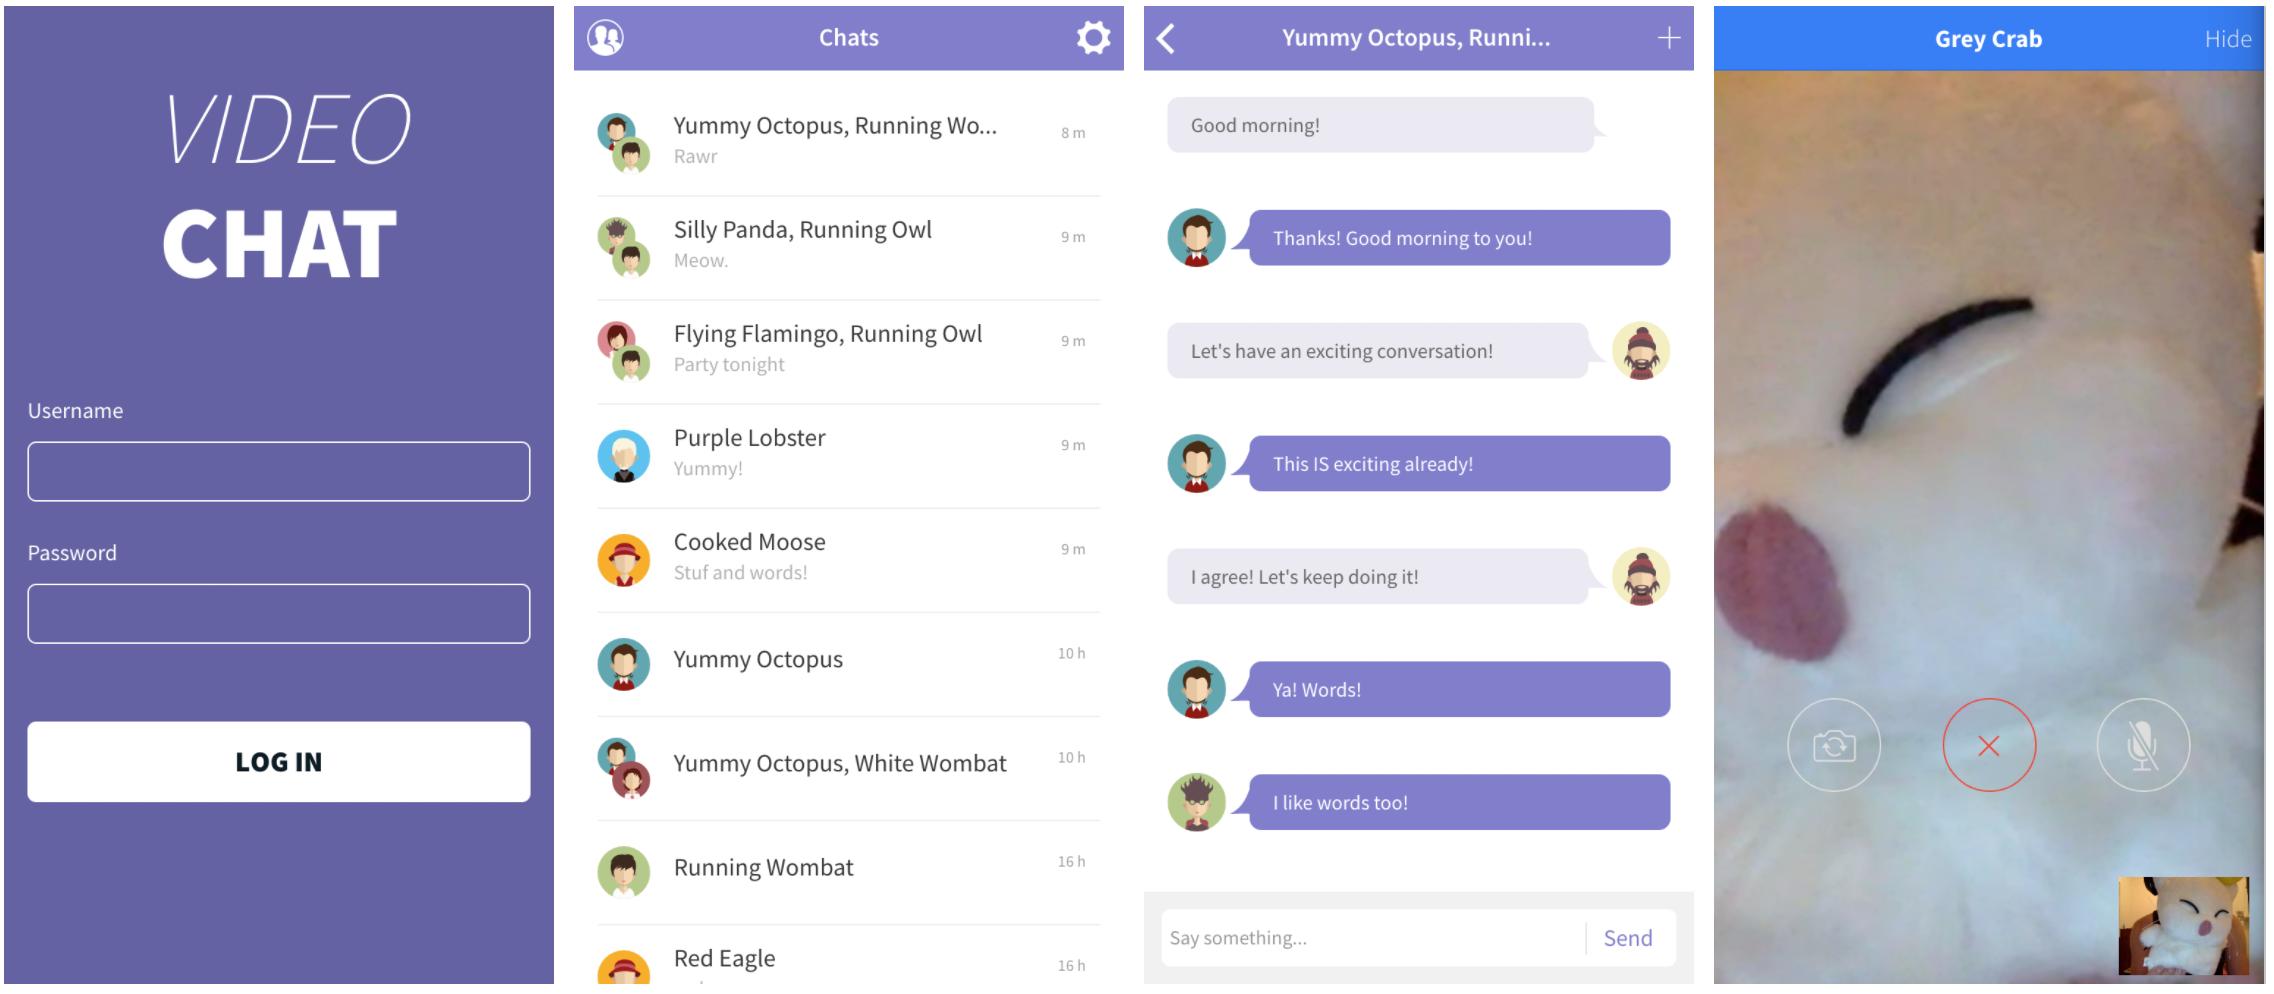 Ionic VIdeo Chat App Screenshots